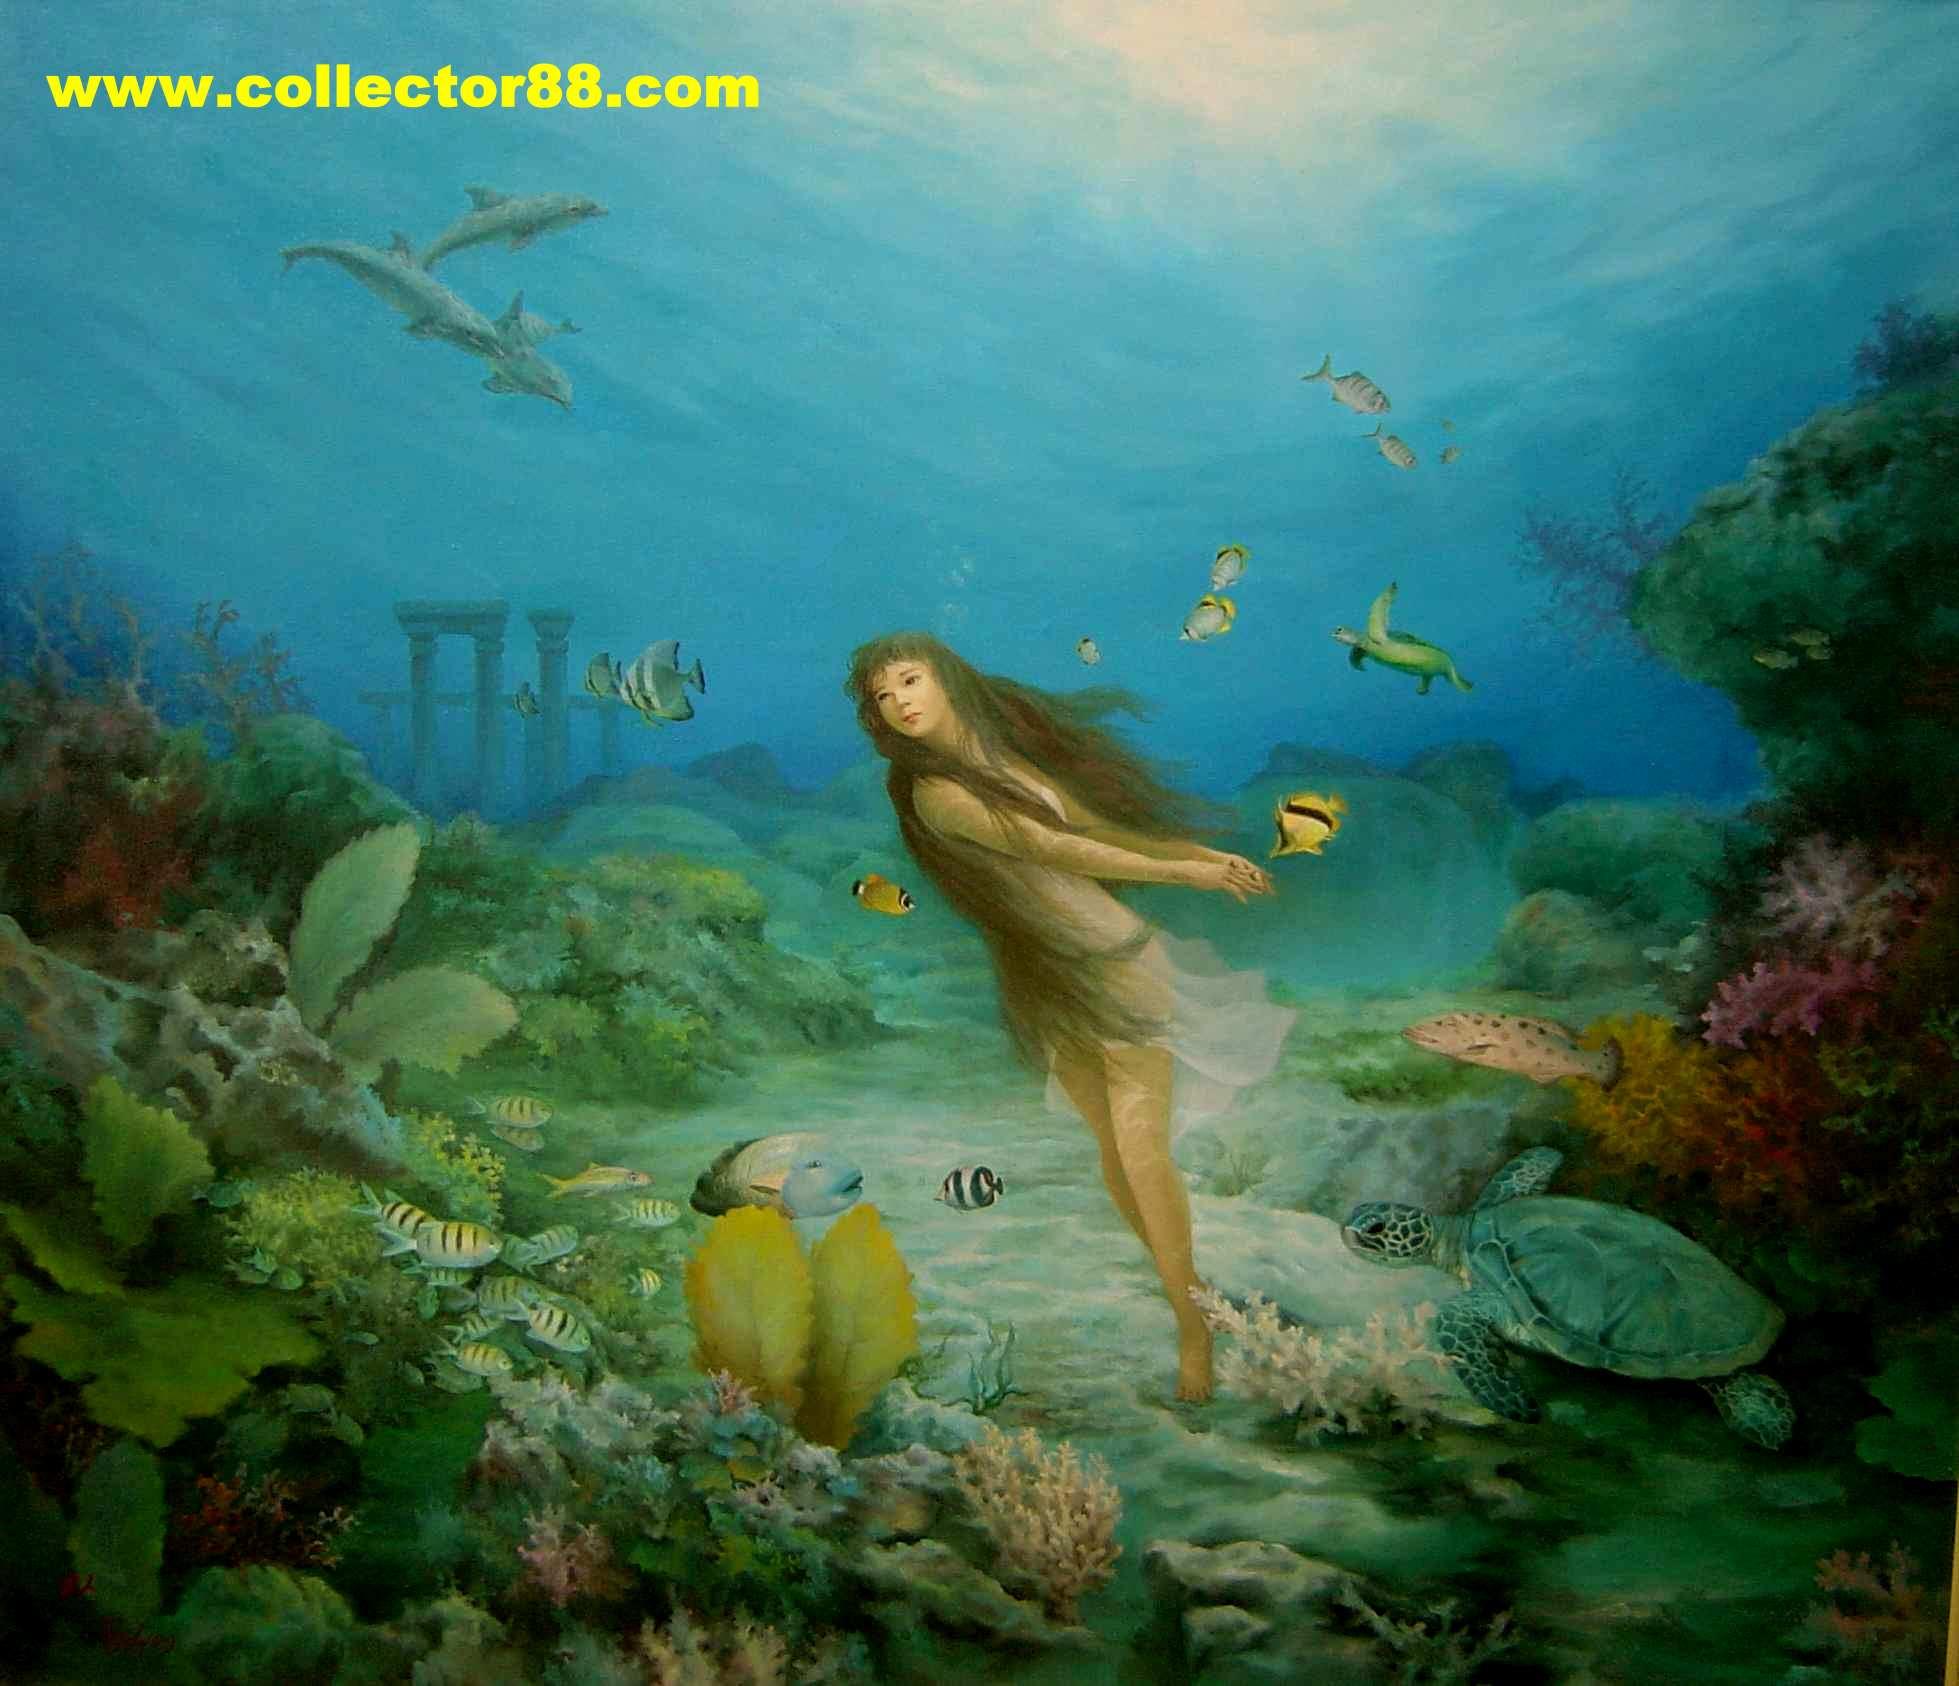 壁纸 动物 海底 海底世界 海洋馆 水族馆 鱼 鱼类 1959_1686